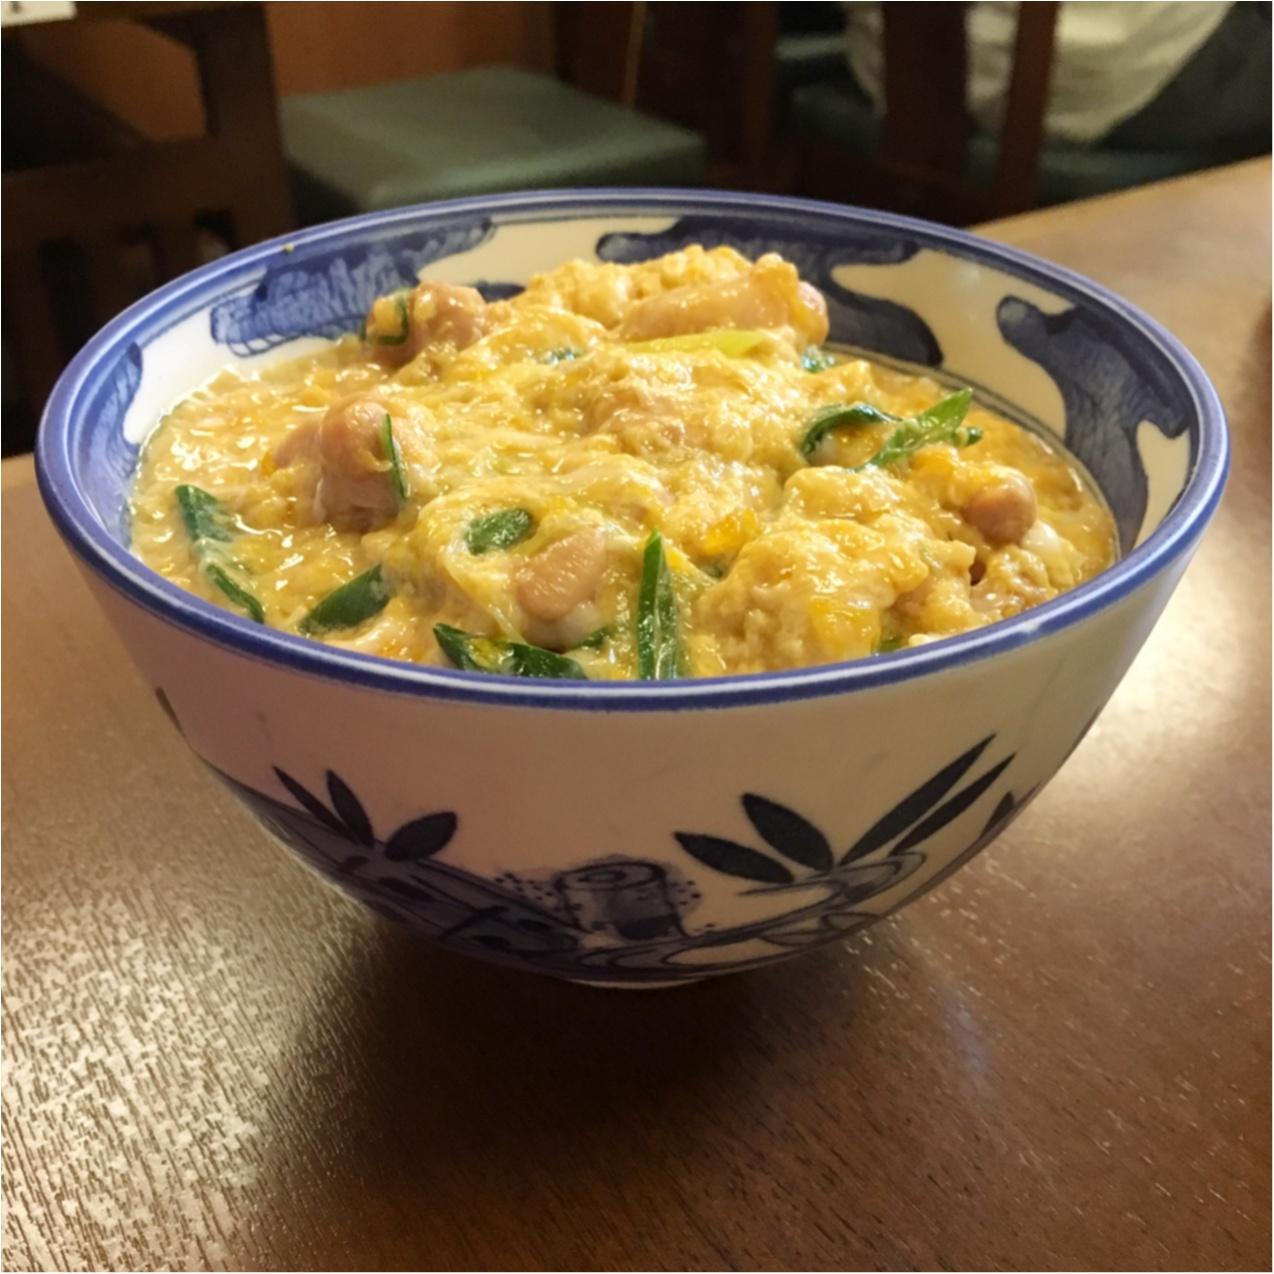 ふわトロっ♡ 絶対に食べたい!京都の老舗《 ひさご 》が作る、人気の親子丼♡♡_2